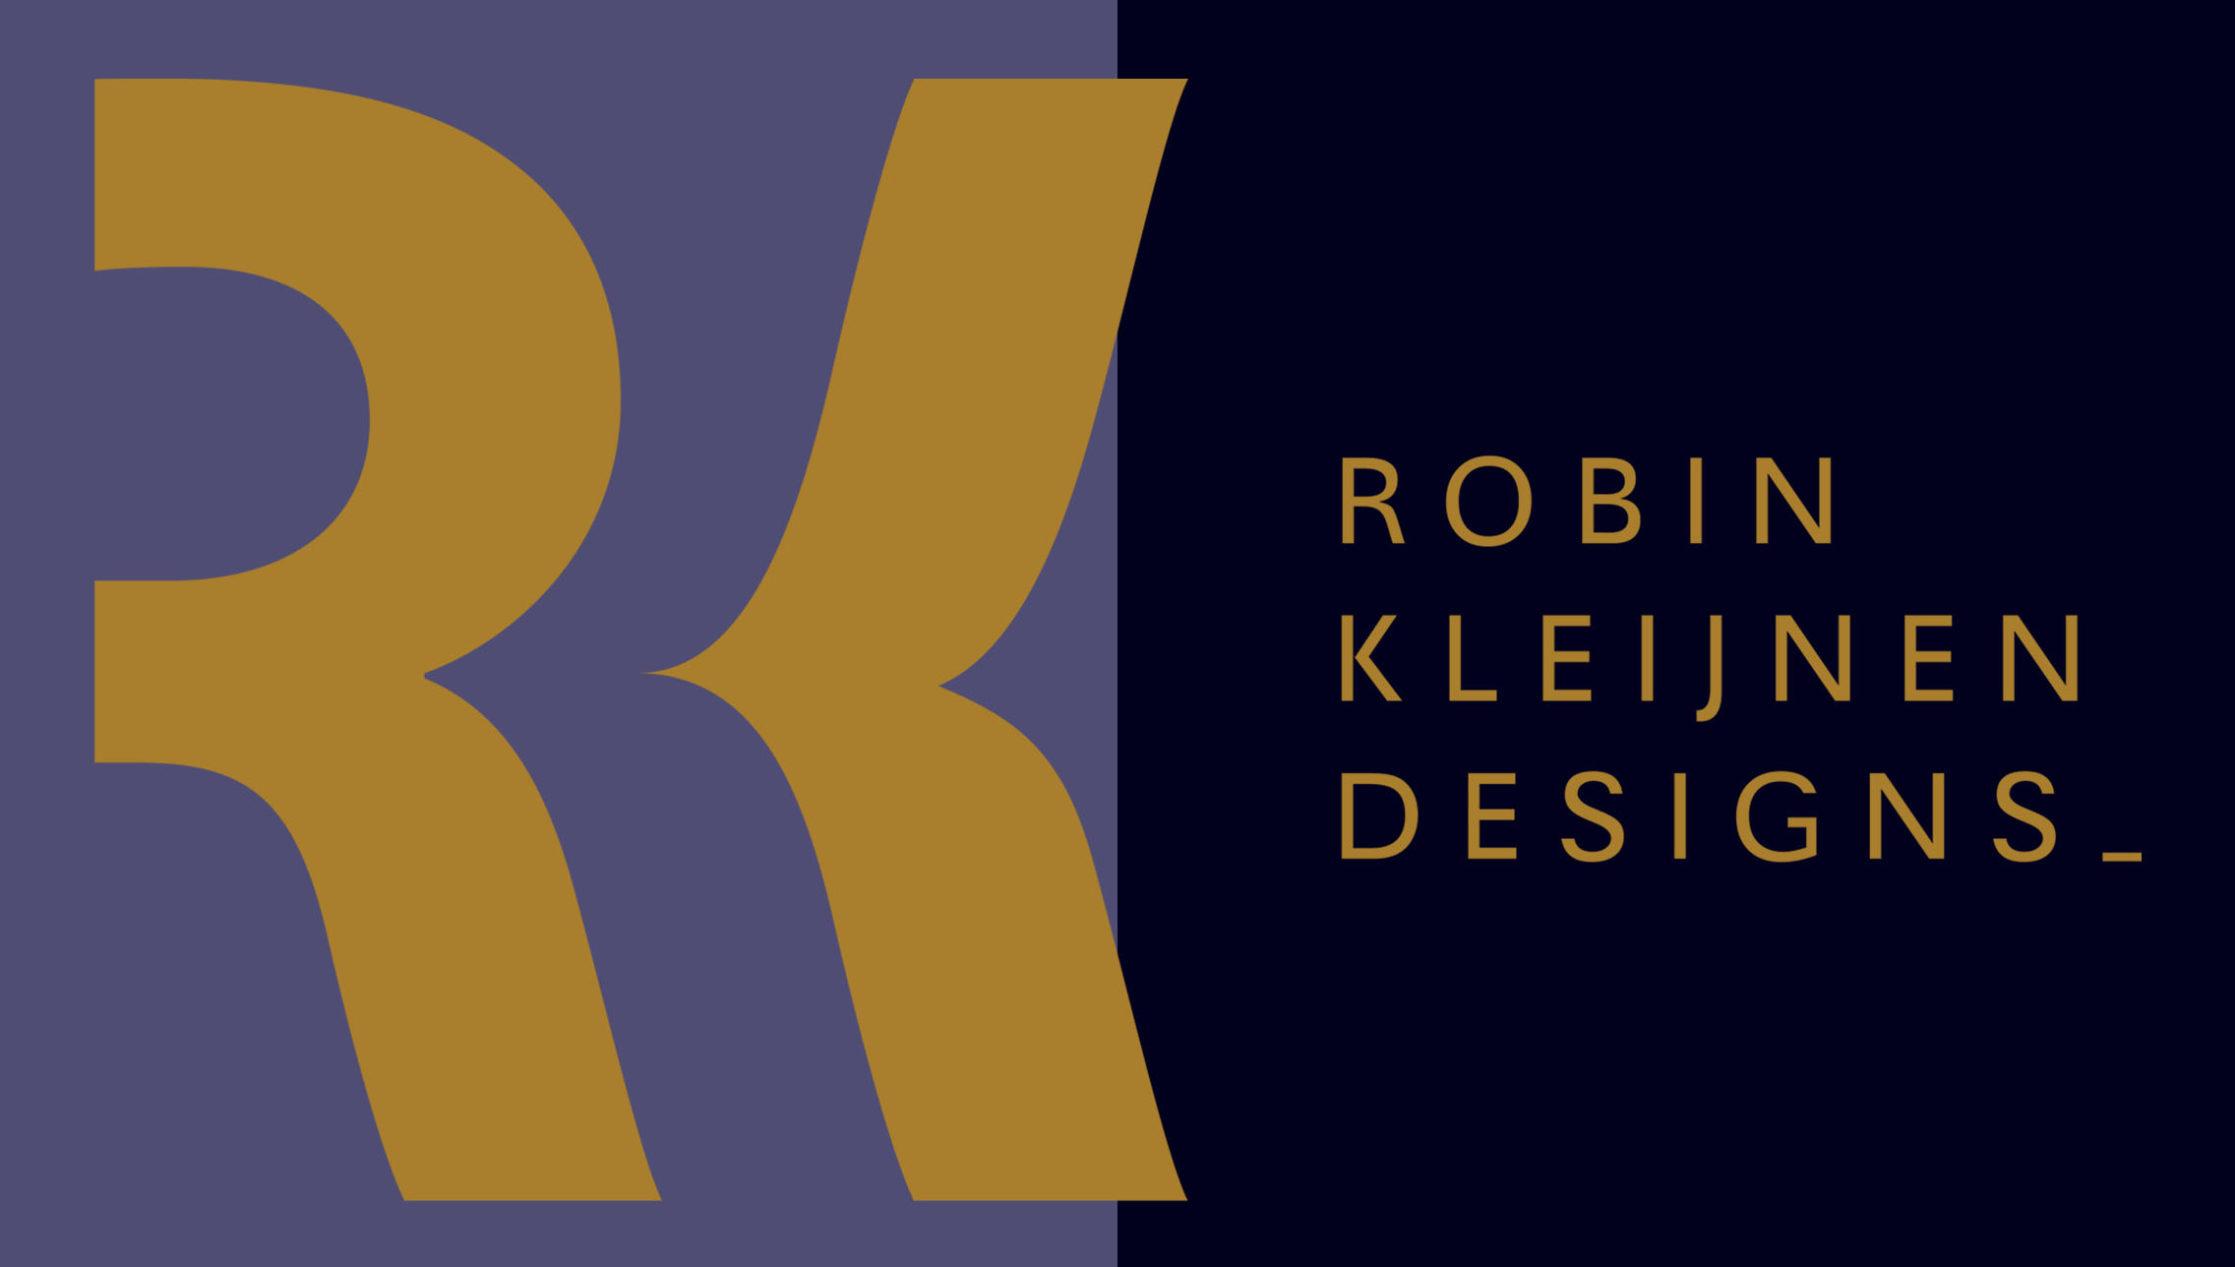 Robin Kleijnen Designs